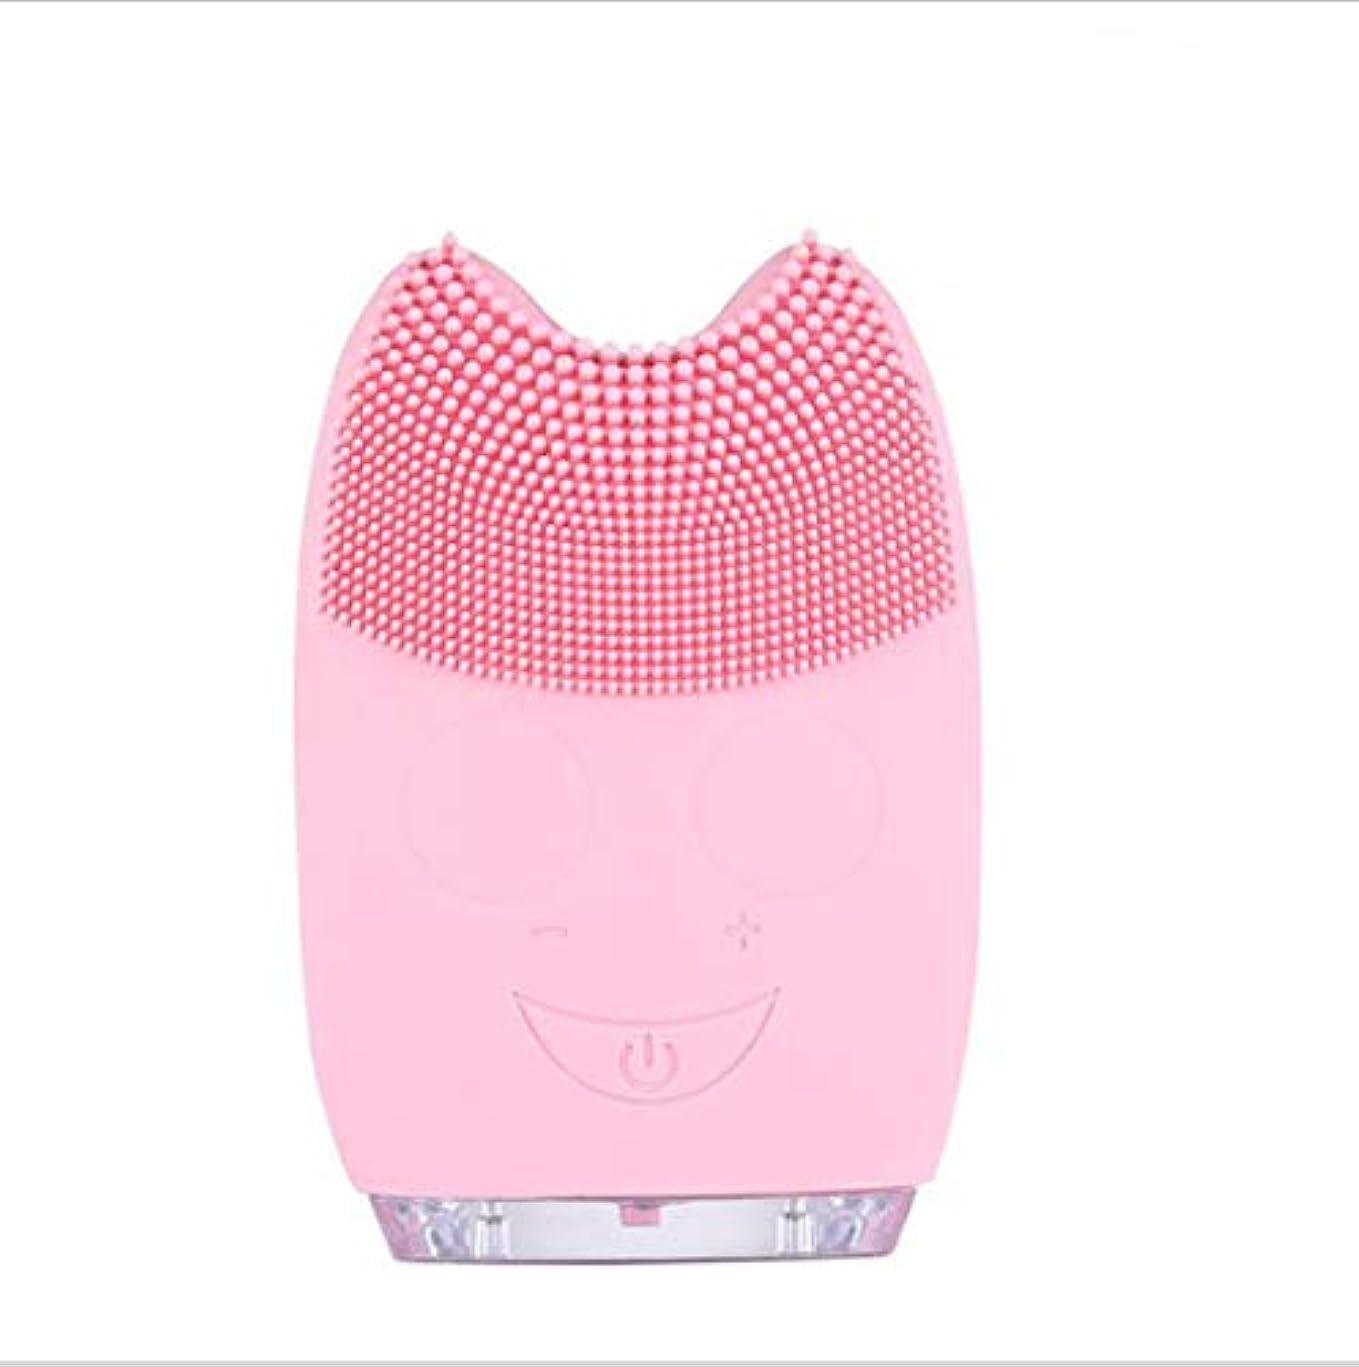 ママどっちでも散らすすべての肌のタイプに適した角質除去とアンチエイジング顔マッサージのためのシリコーン電気クレンジングブラシ,Pink